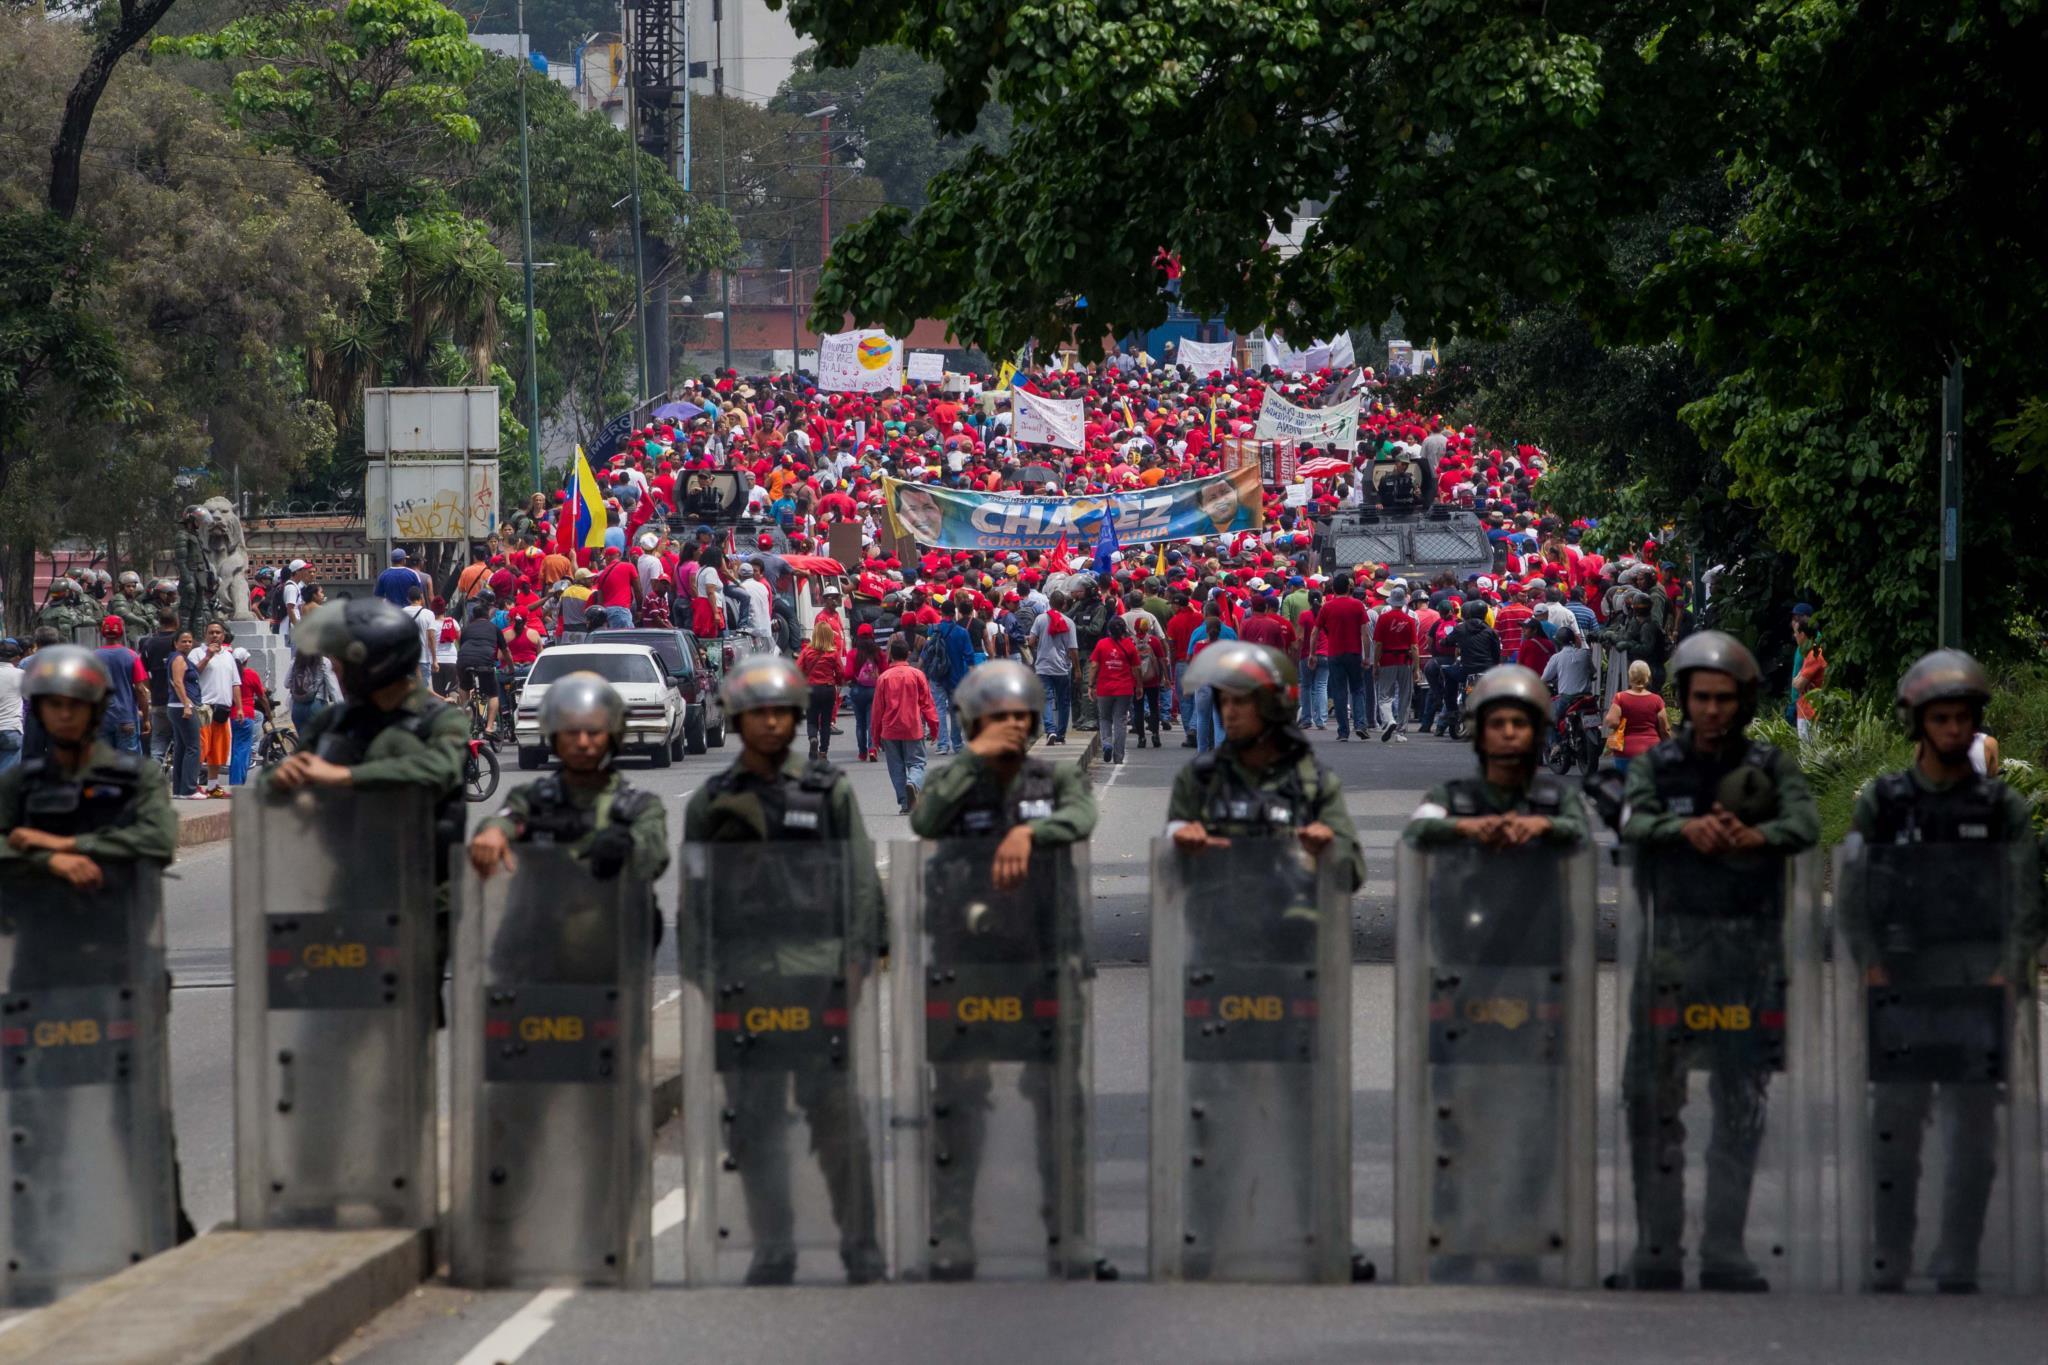 Cordão policial separa manifestações